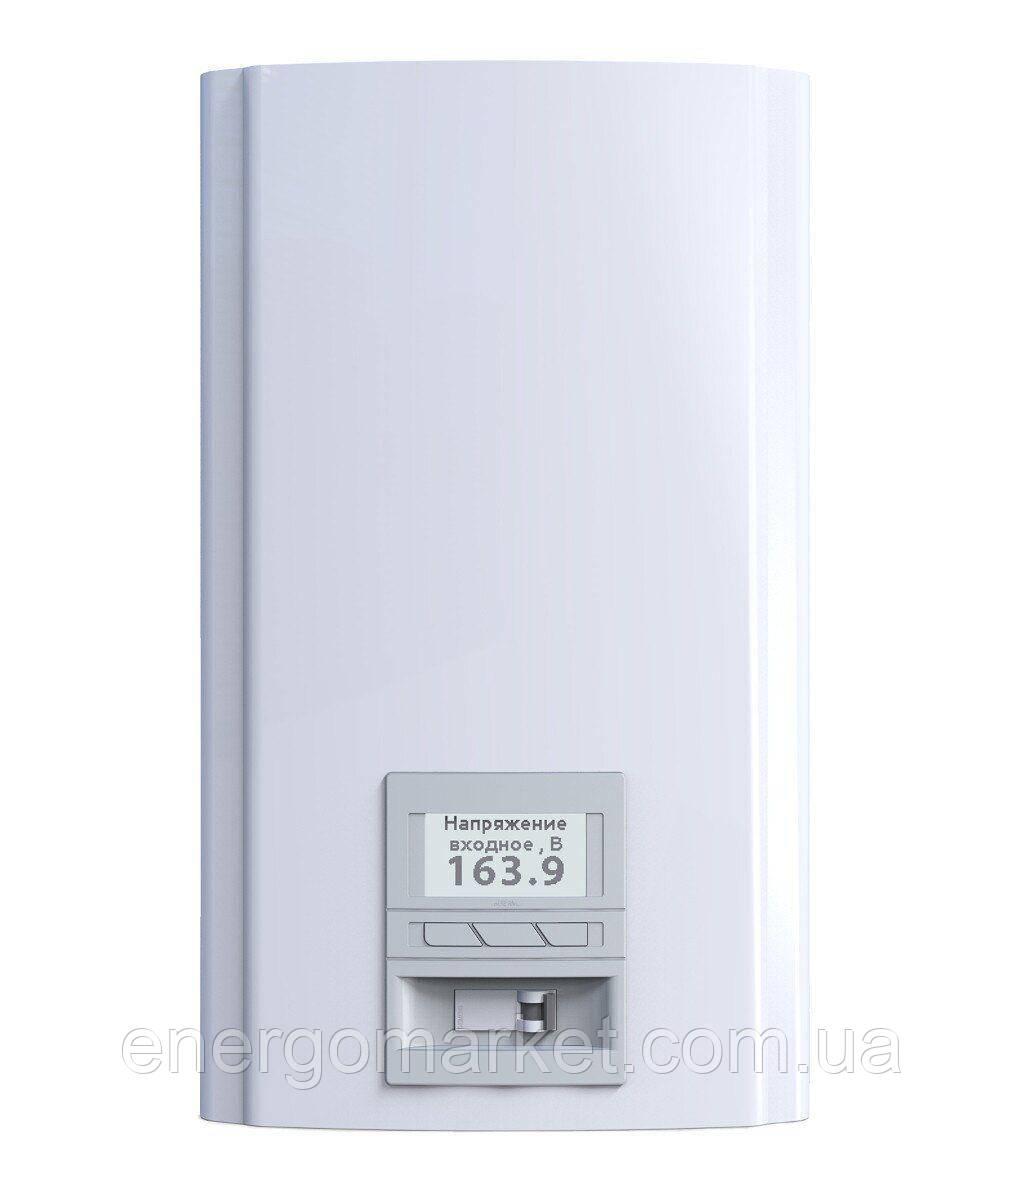 Стабилизатор напряжения Элекс однофазный Герц У 36-1/100 V3.0 (22 кВА.)